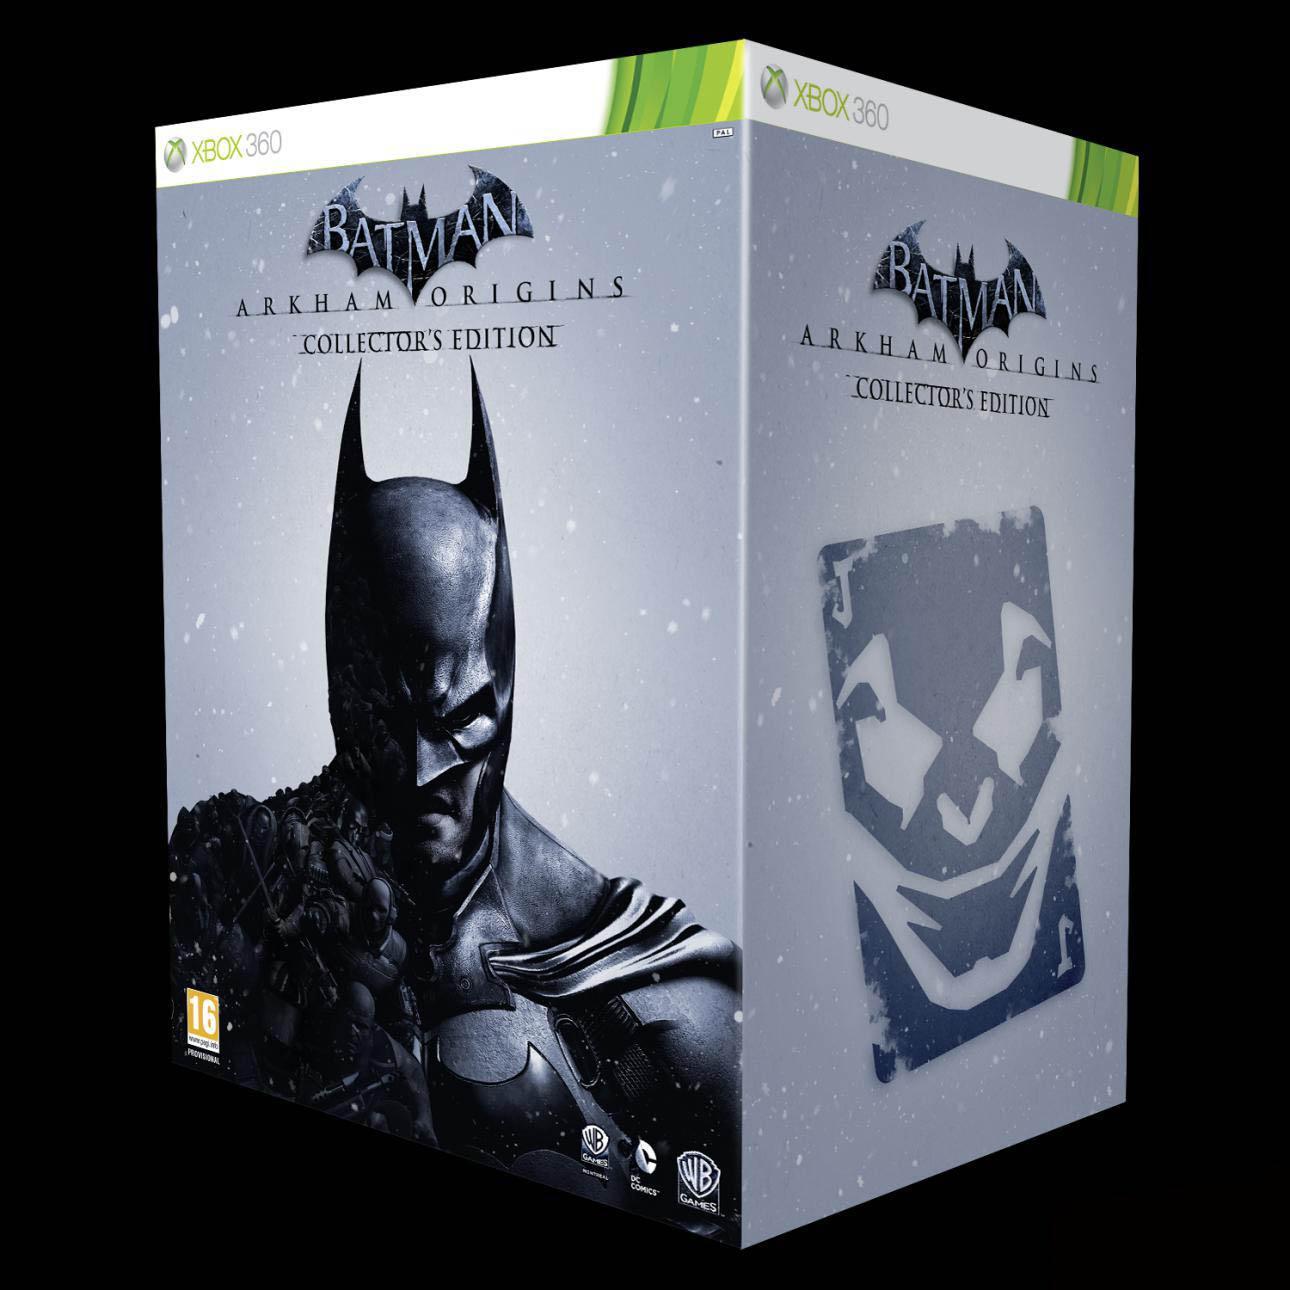 Sběratelská edici Batman: Arkham Origins oficiálně představena 85695